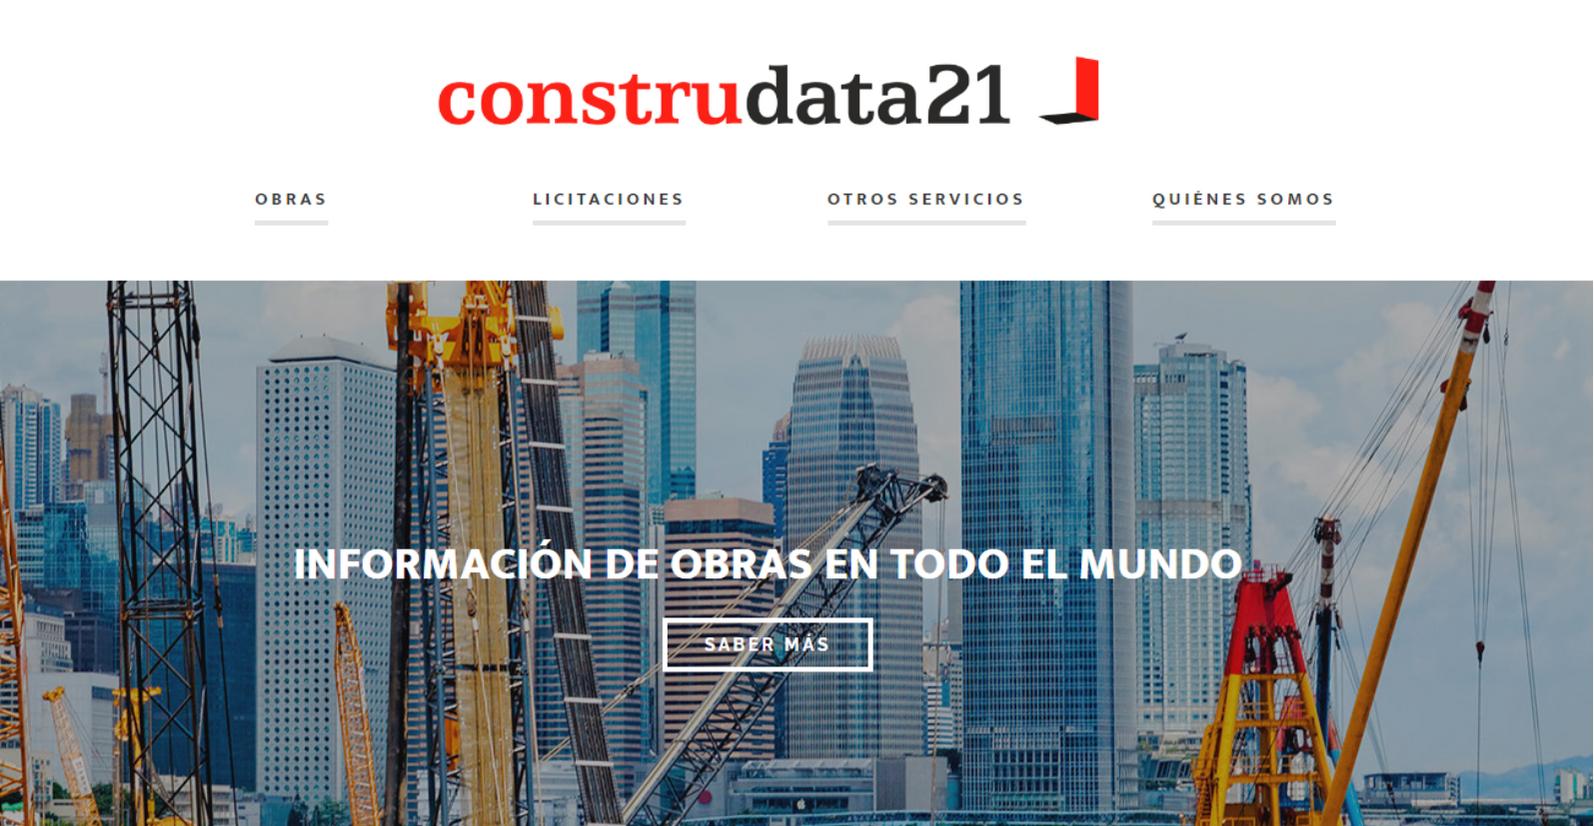 Construdata21 cambia de manos